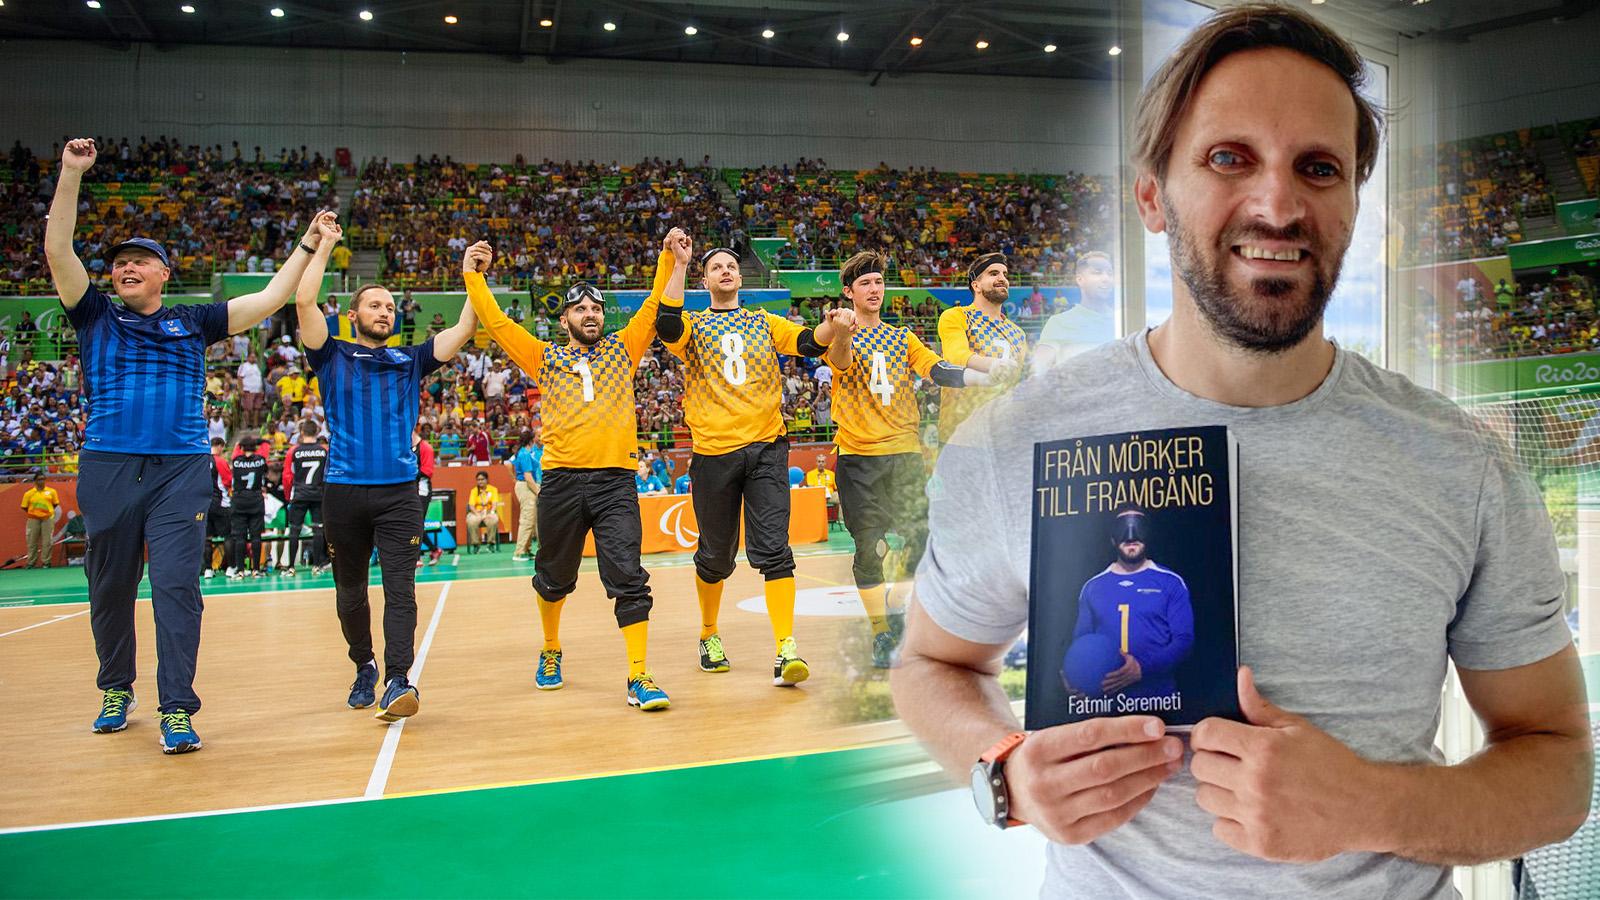 """Fatmir Seremeti står till höger i bild och håller upp sin självbiografi """"Från mörker till framgång"""". I bakgrunden är det en bild från när svenska landslaget i goalball firar en seger i Paralympics i Rio de Janeiro."""